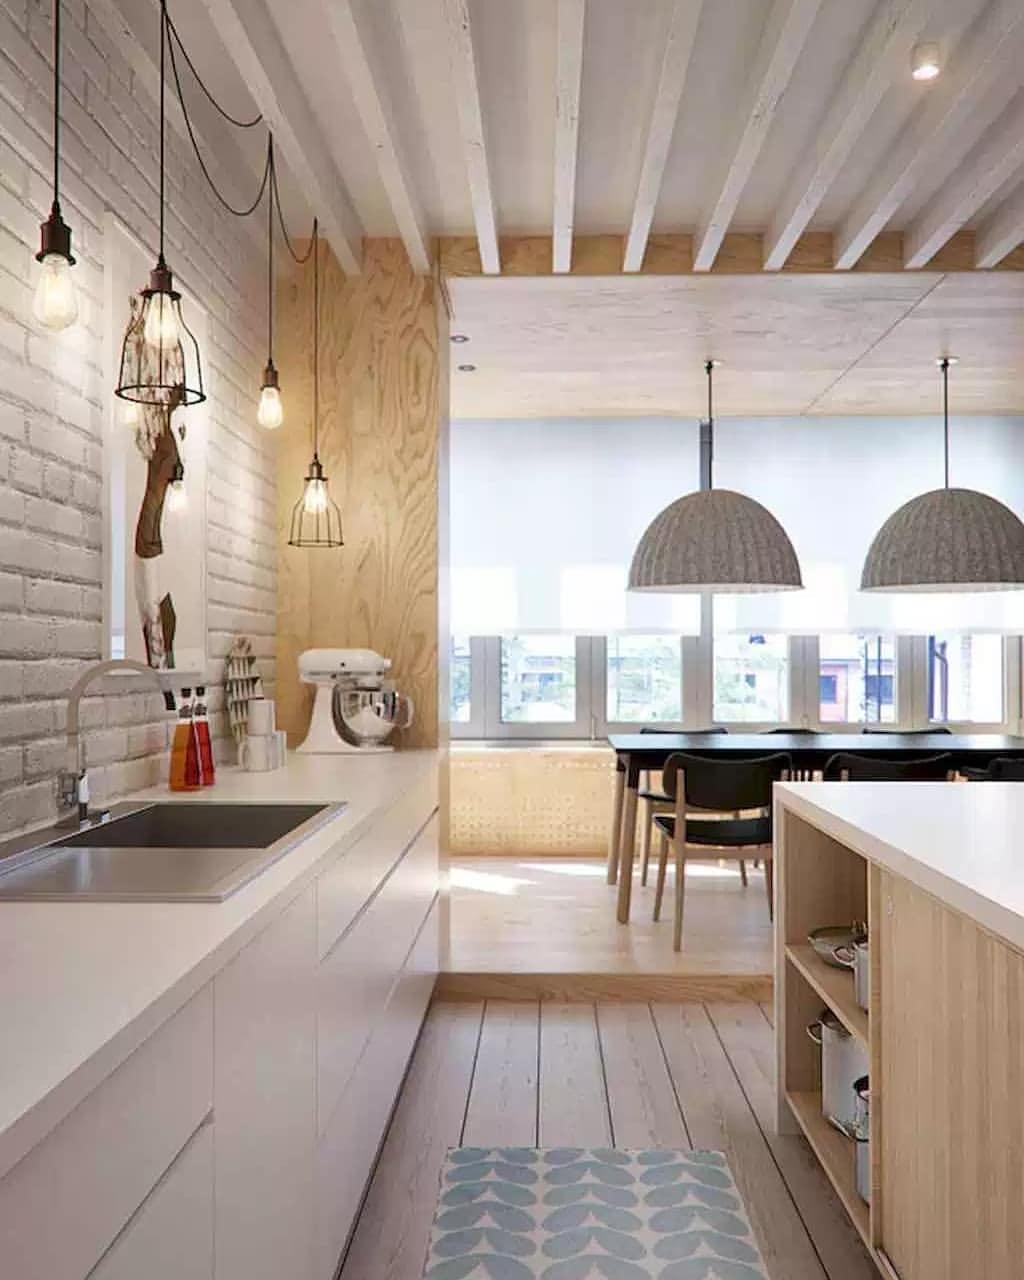 постигает новое, потолок из вагонки на кухне фото потому, что нашем